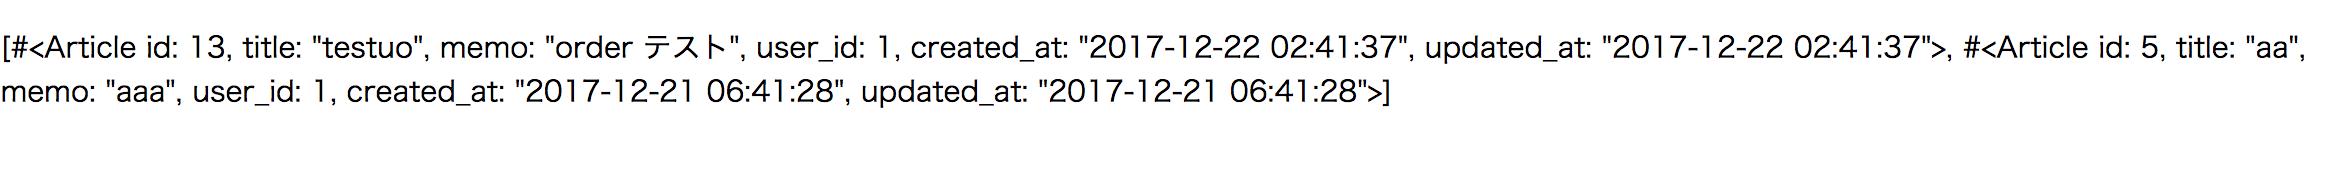 スクリーンショット 2017-12-22 13.06.23.png